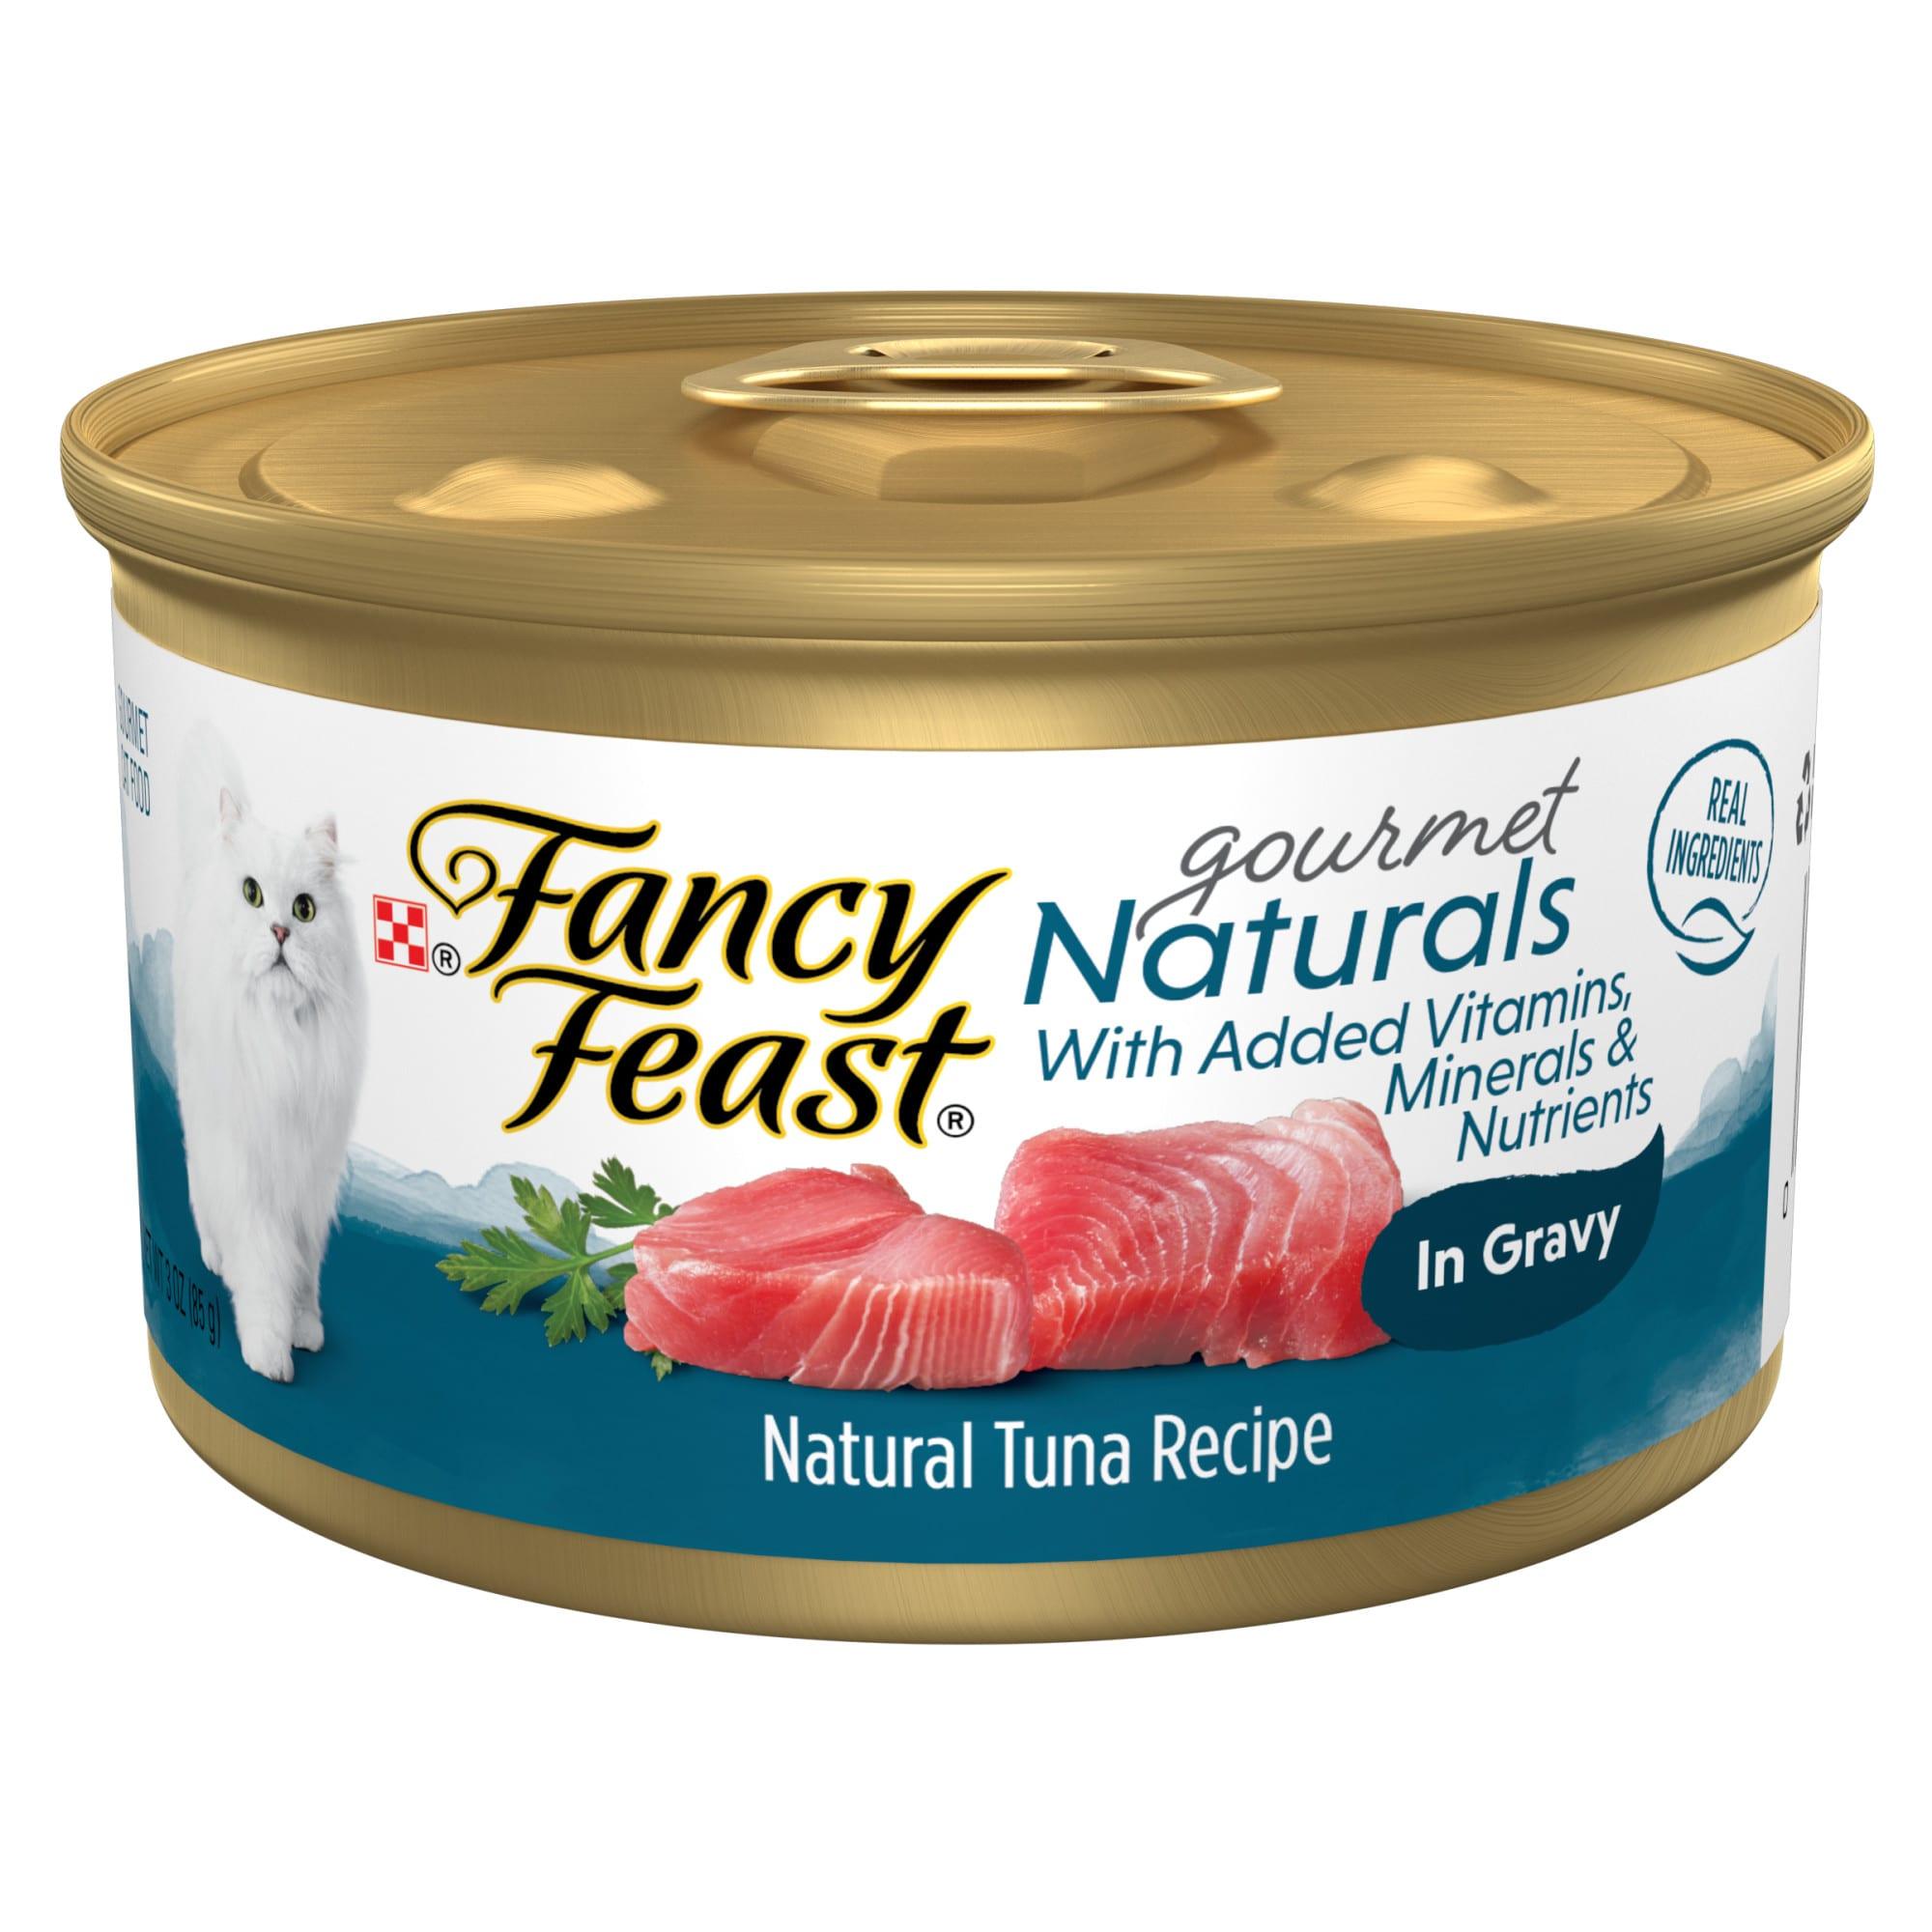 Fancy Feast Gourmet Naturals Tuna Recipe In Gravy Wet Cat Food 3 Oz Case Of 12 Petco